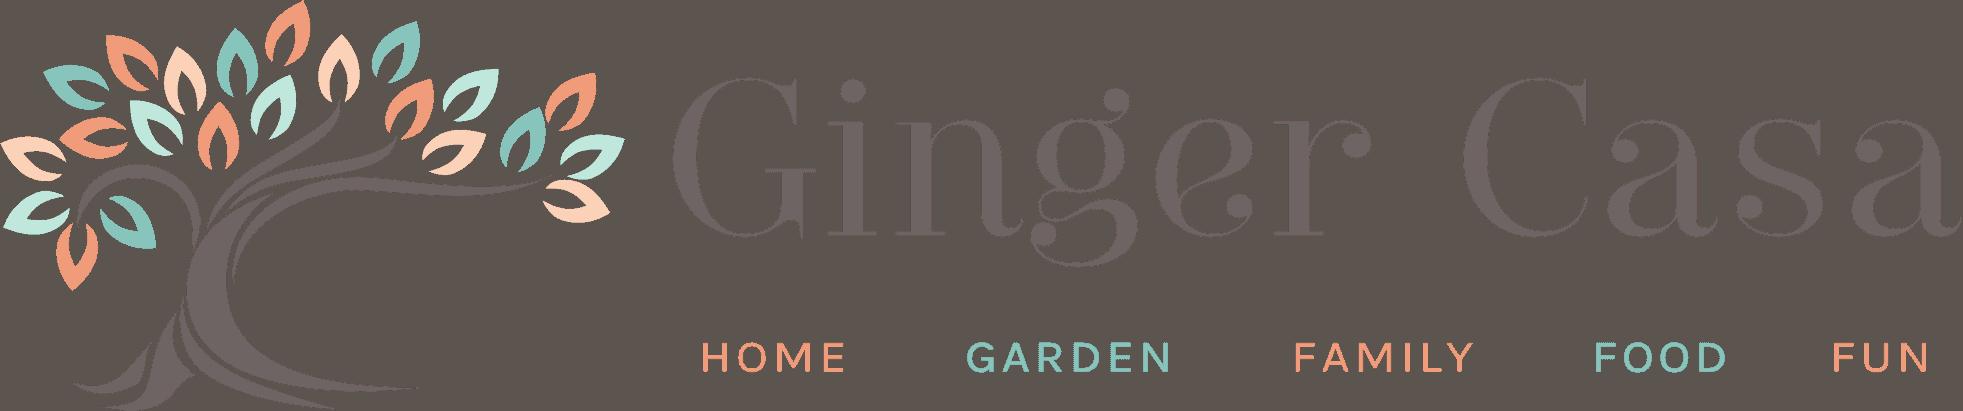 Ginger Casa